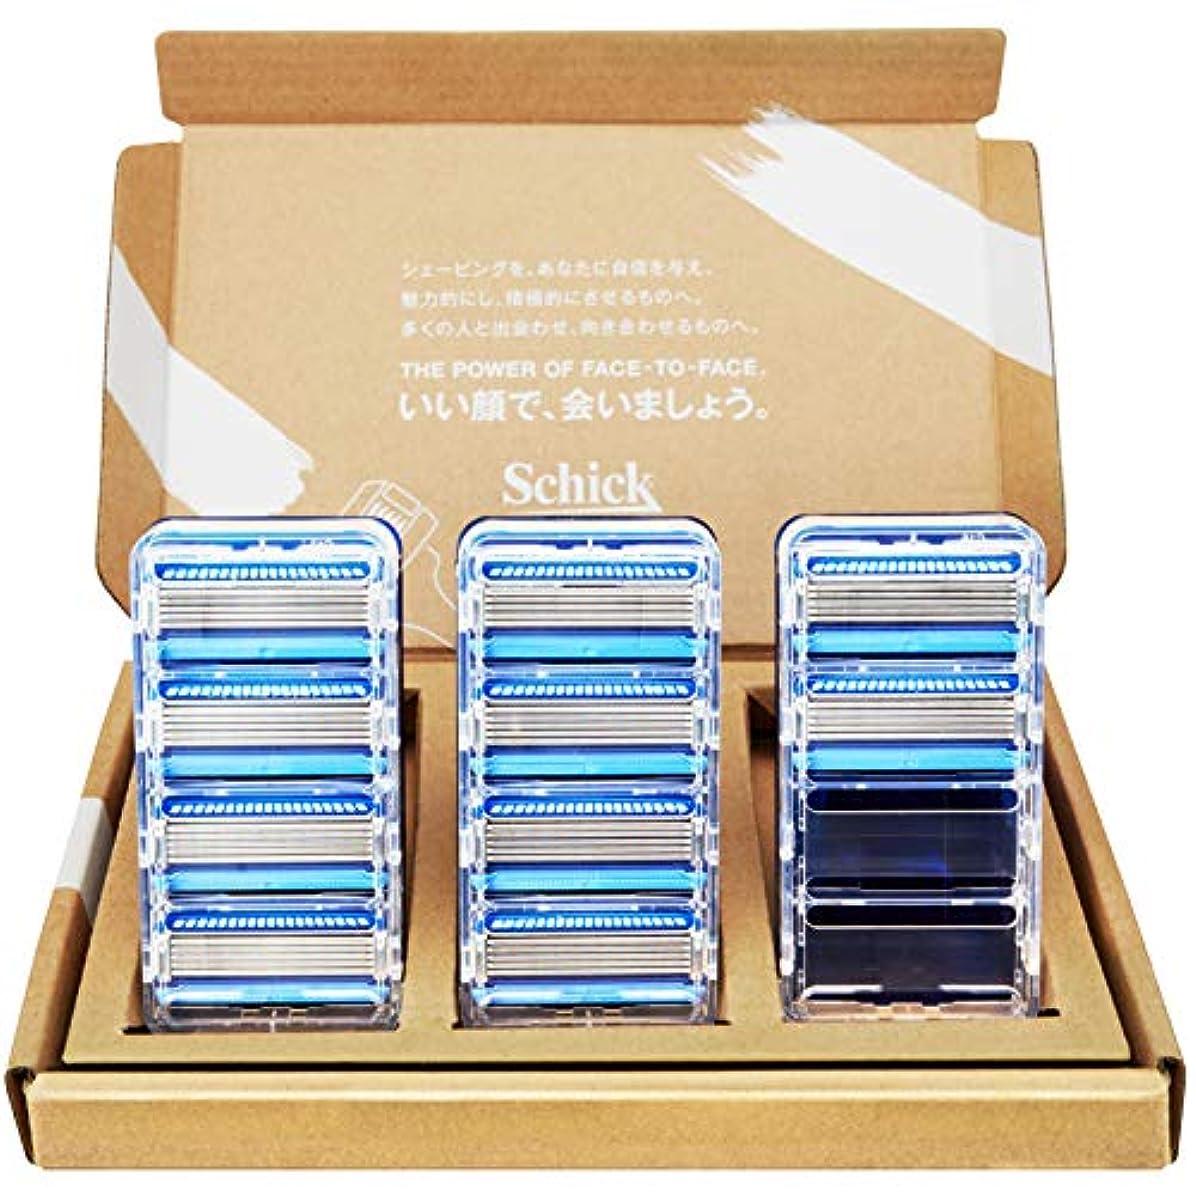 凍ったブルにおい【Amazon.co.jp 限定】シック ハイドロ5 替刃 10コ入